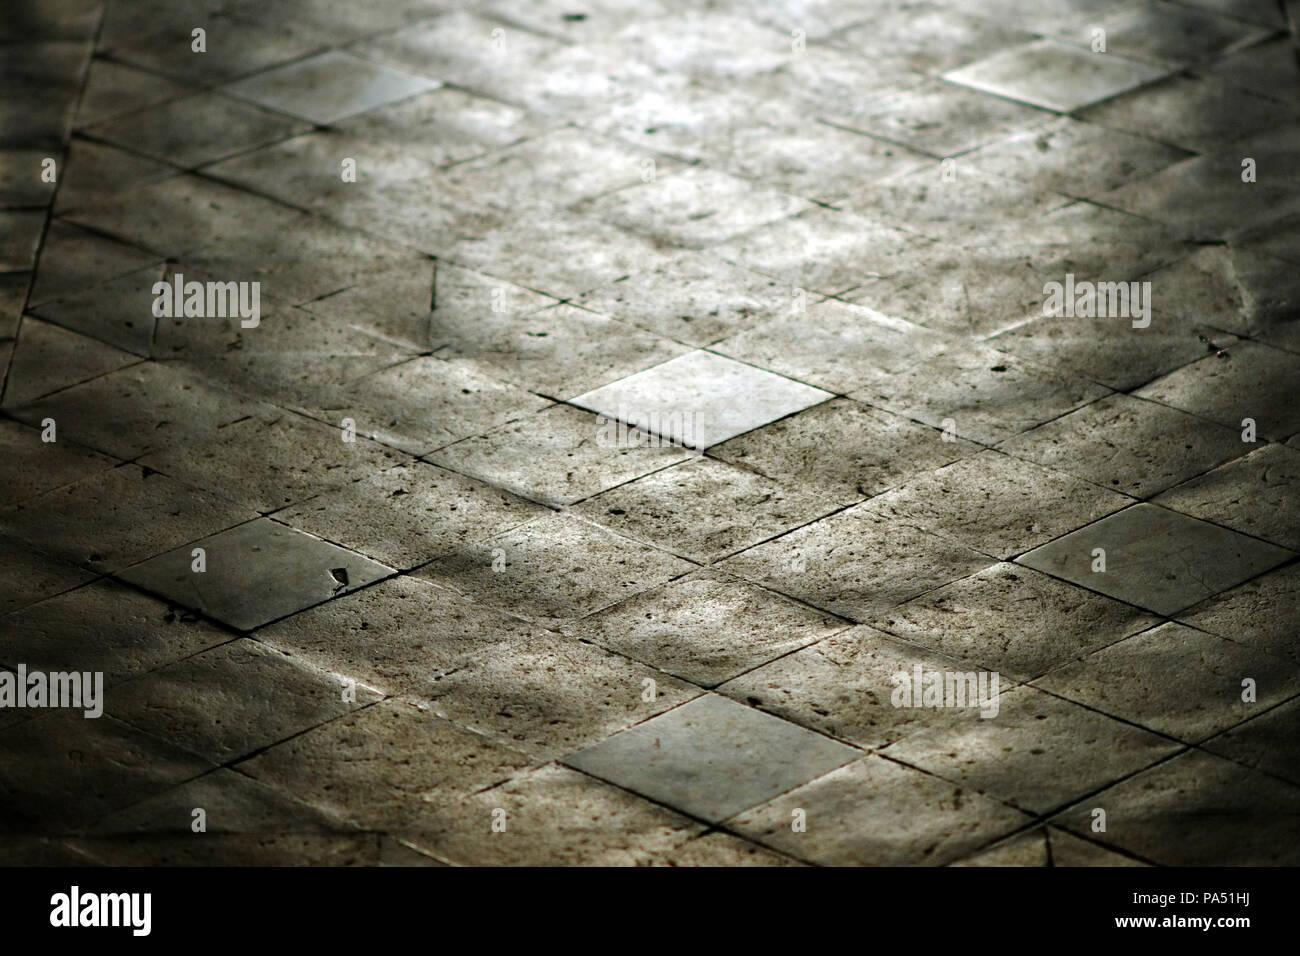 Cava vittoriano piastrelle per pavimento in una chiesa di un